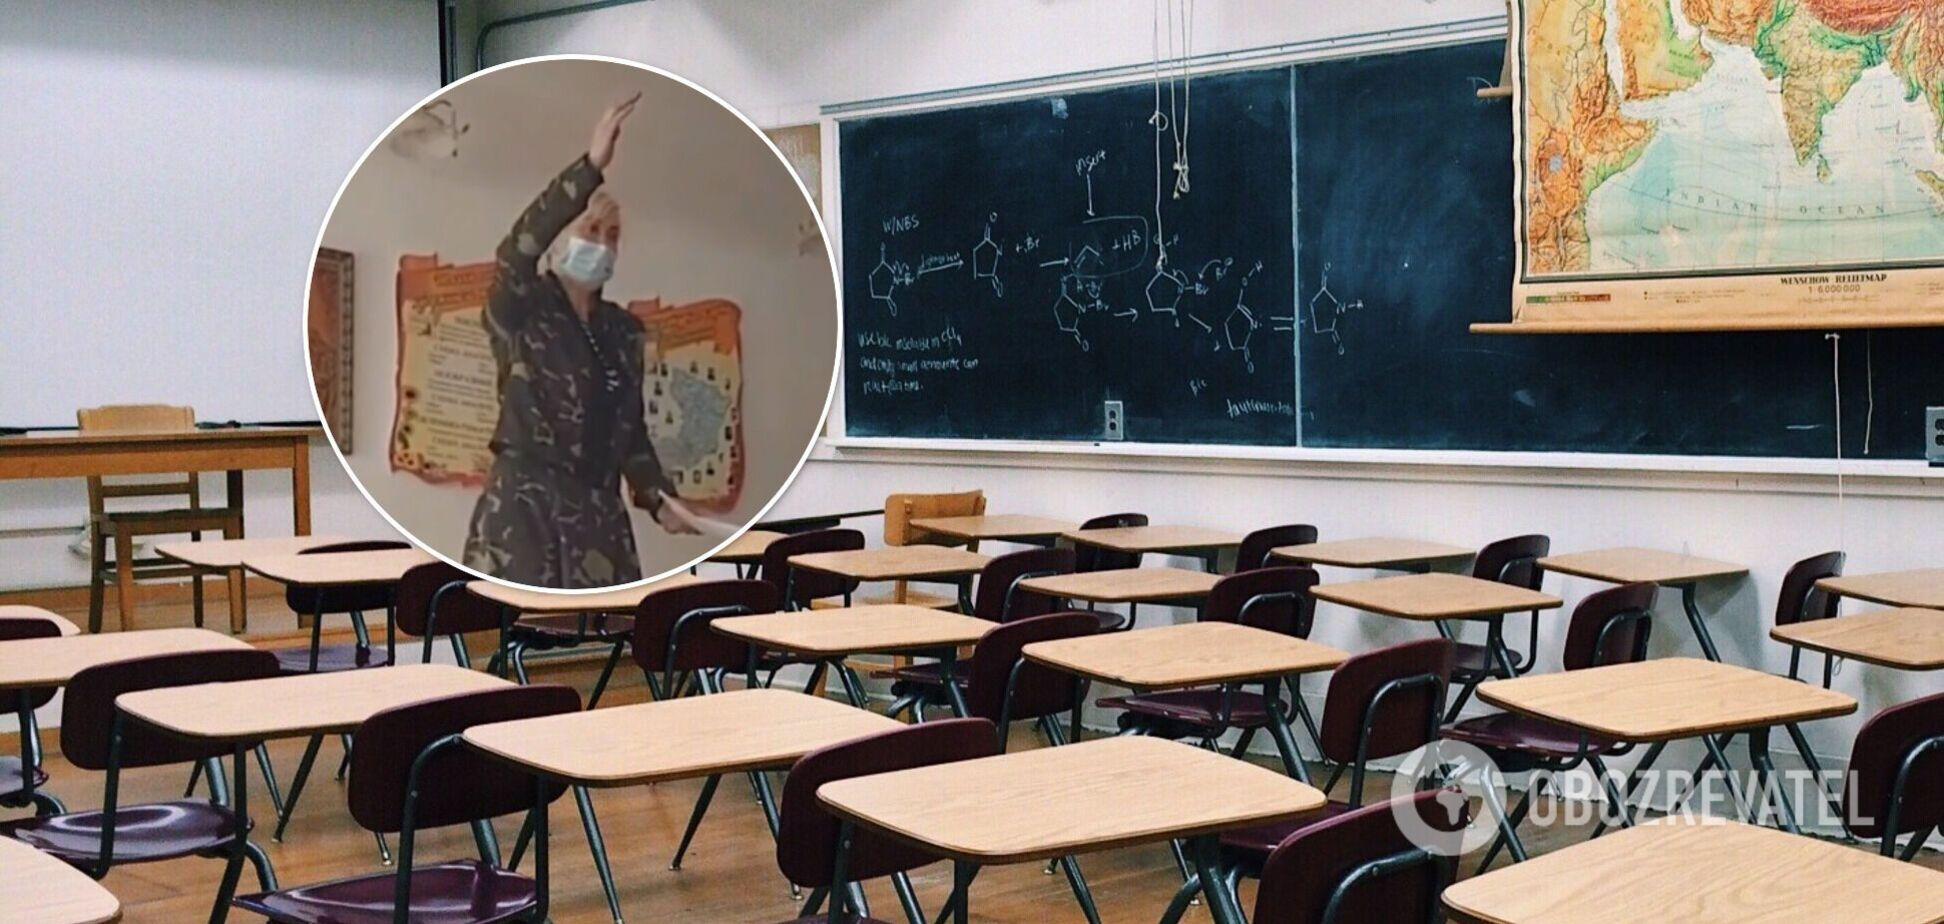 Учительница из Ривненщины залезла на парту